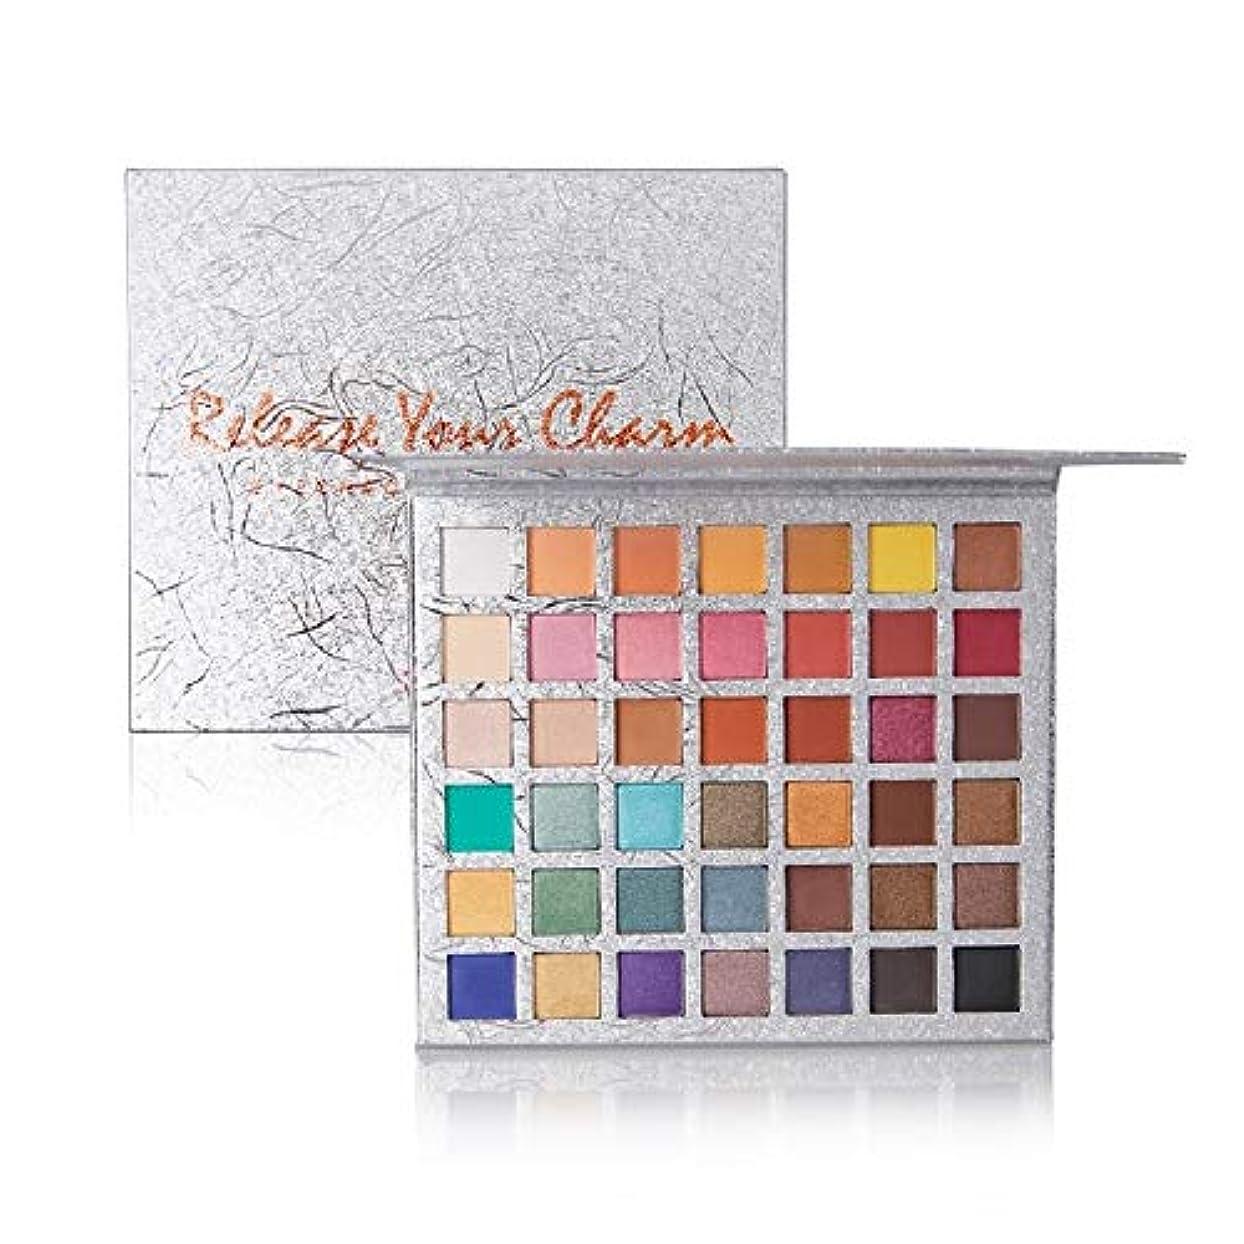 砂利識字通信する42 Colors Eyeshadow Pallete Glitter Makeup Matte Eye shadow Long-lasting Make Up Palette Maquillage Paleta De...